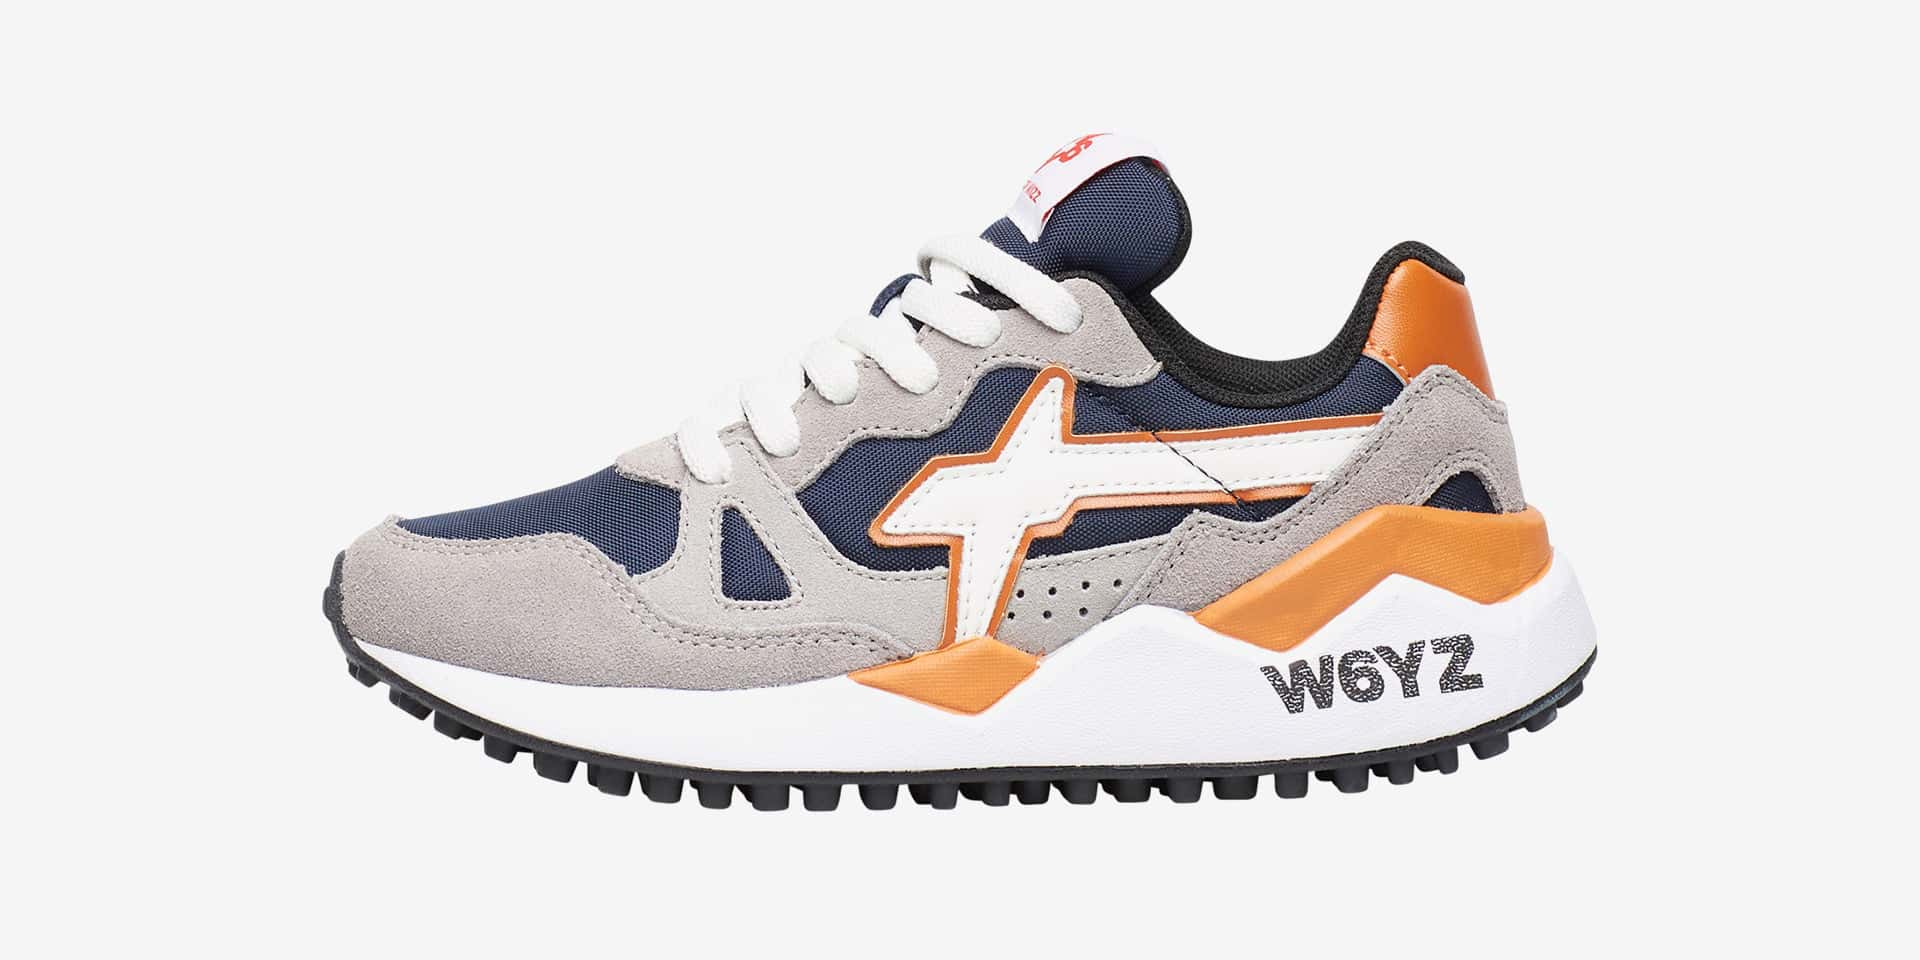 WOLF-J. - Sneaker in suede e cordura - Piombo